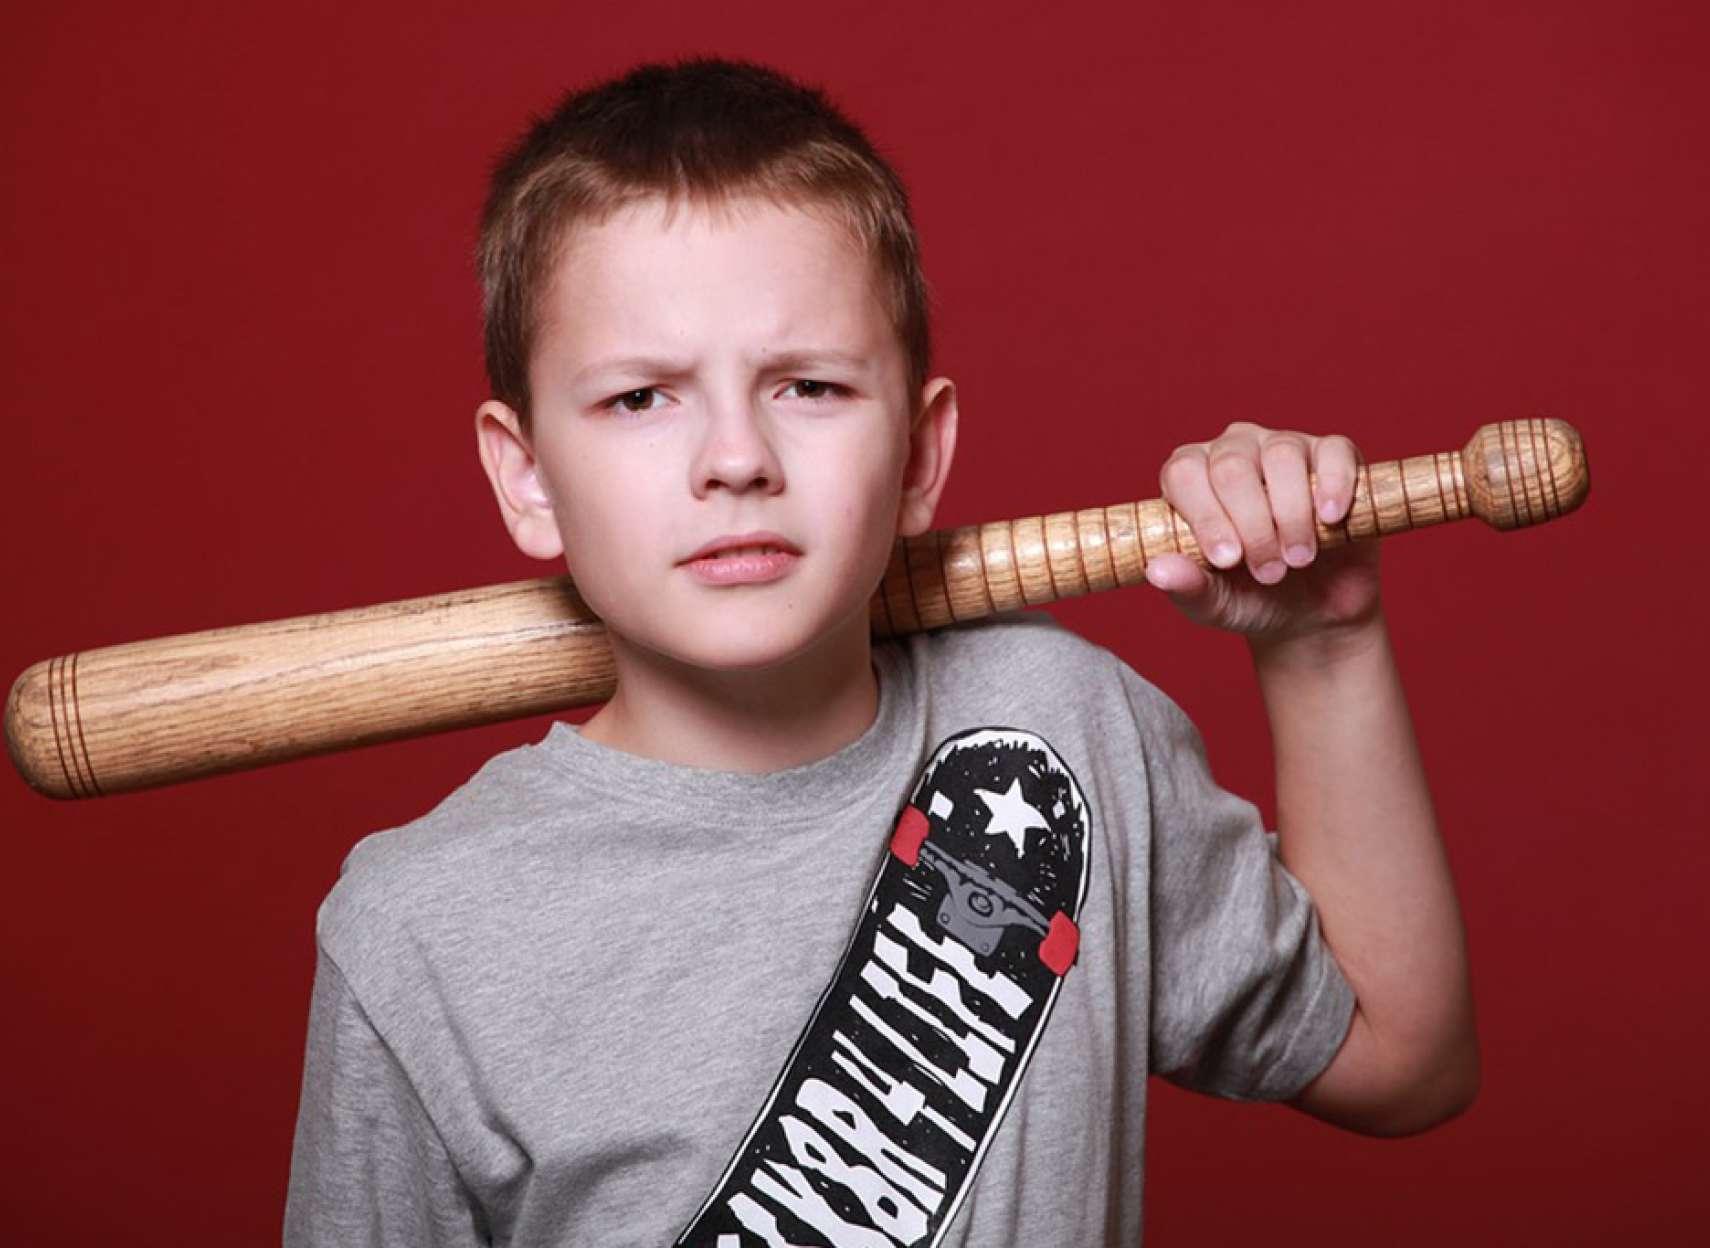 روانشناسی-داعی-چگونه-به-یک-پسربچه-عصبانی-کمک-کنیم